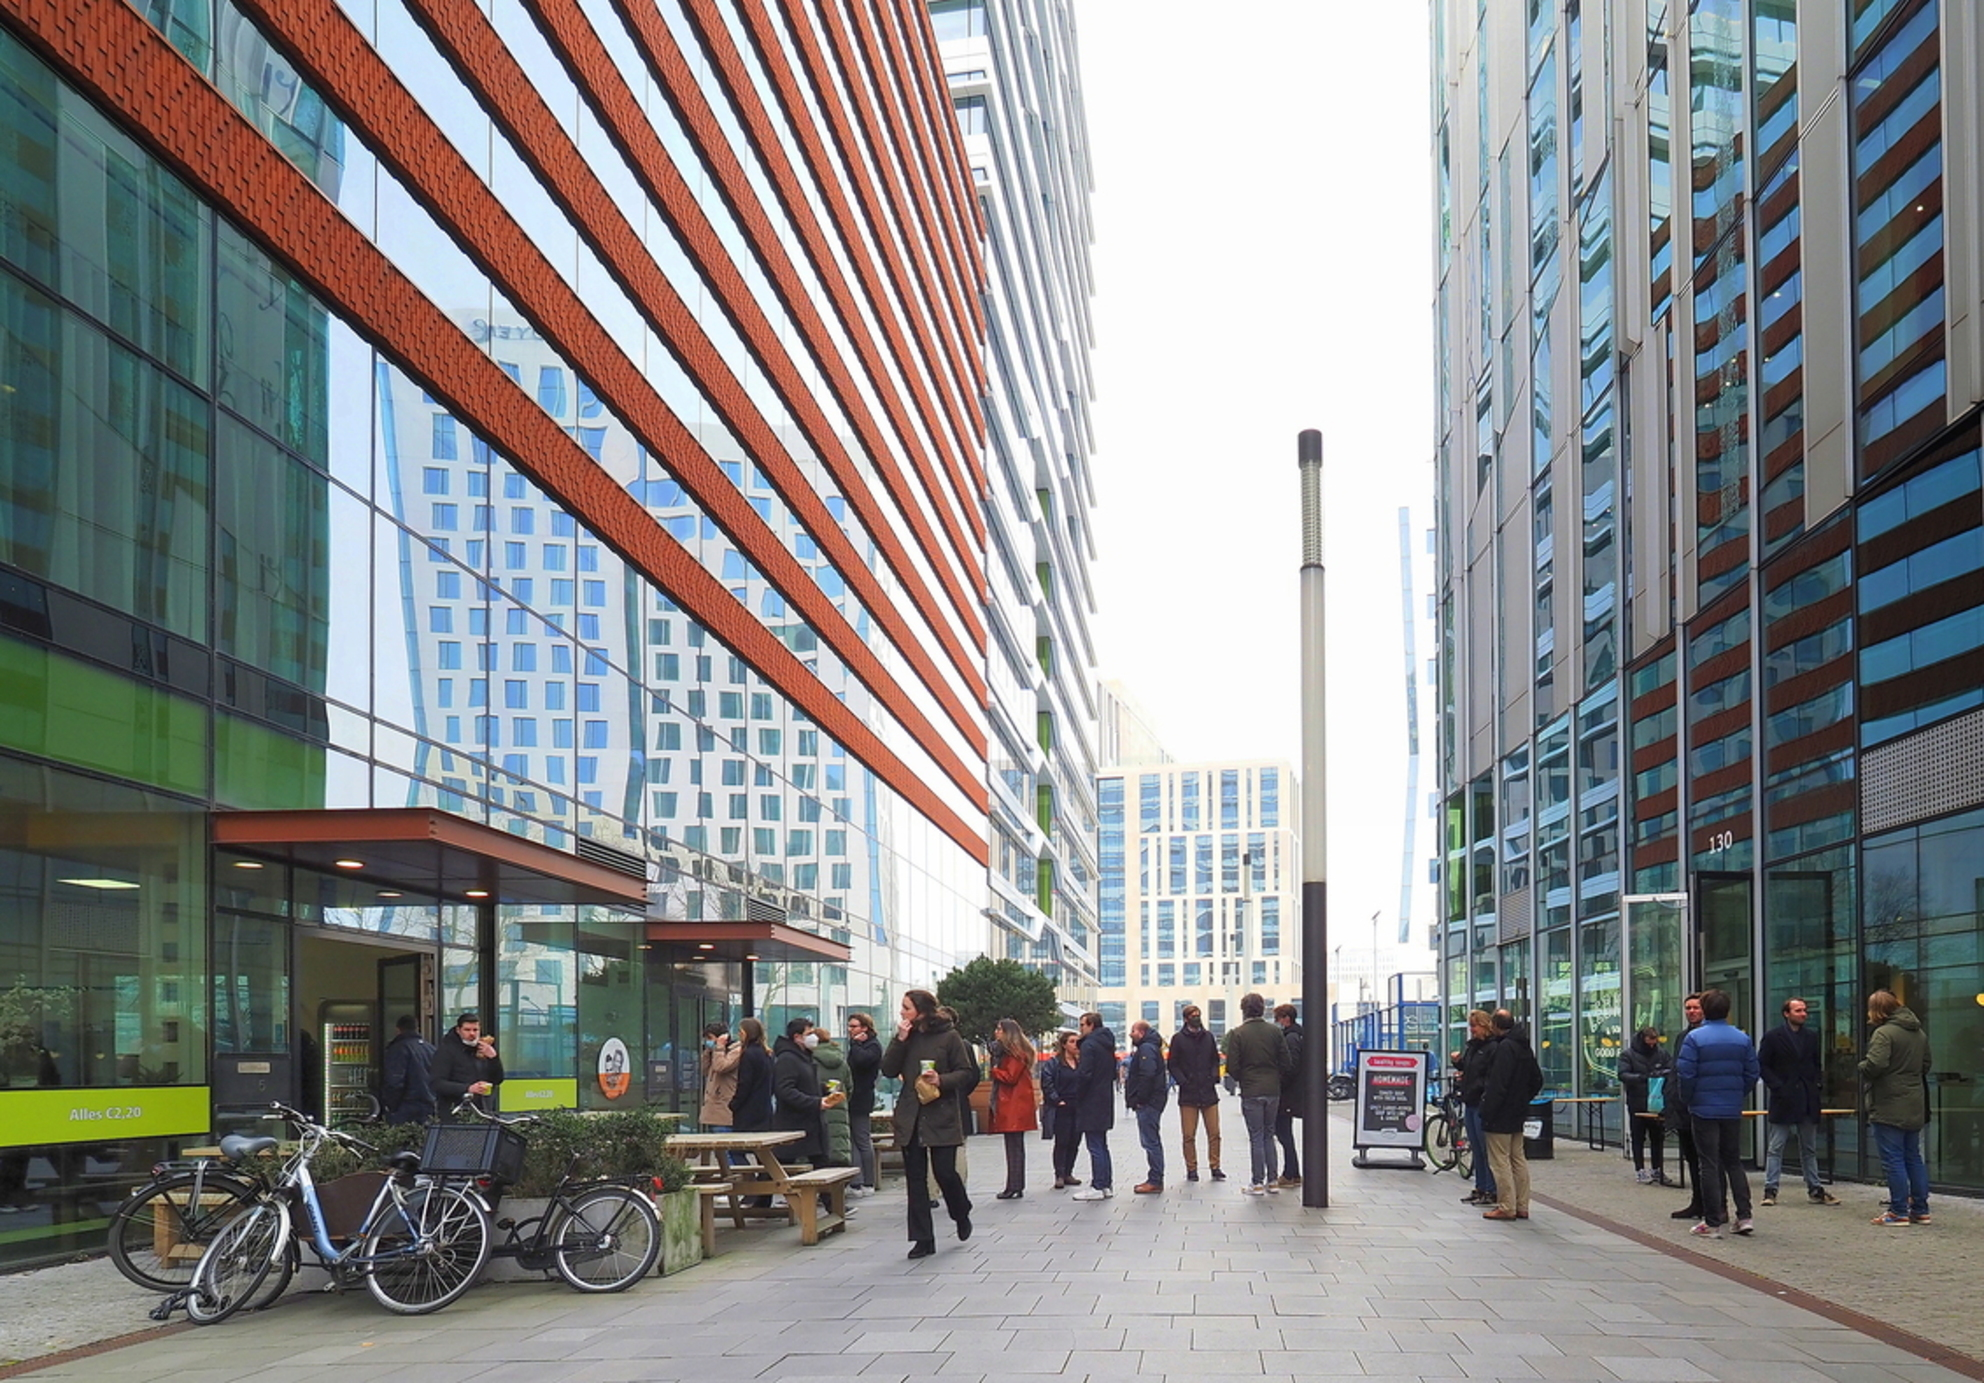 Zuidas 5 - Lunchtijd - foto door pietsnoeier op 06-03-2021 - deze foto bevat: amsterdam, architectuur, gebouw, kunst, zuidas, lunchtijd - Deze foto mag gebruikt worden in een Zoom.nl publicatie